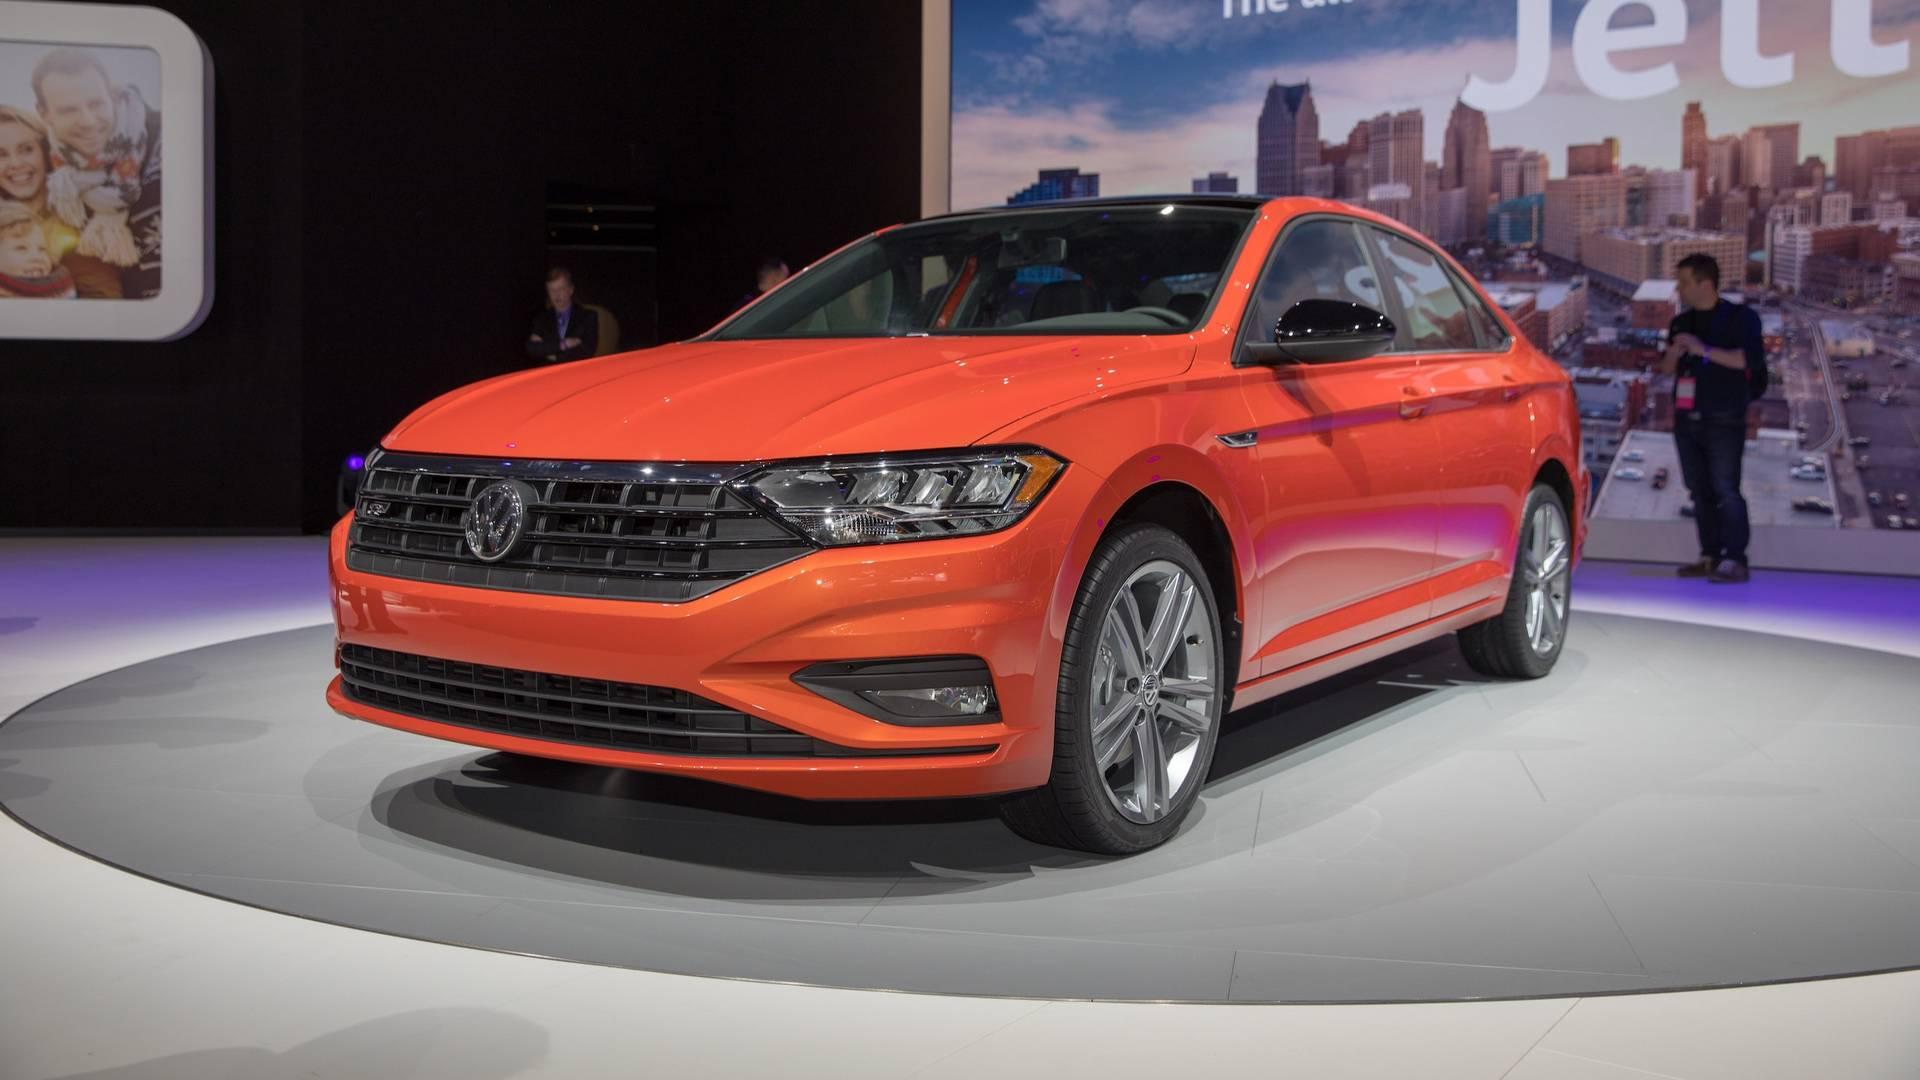 Автомобиль, предназначенный для североамериканского рынка, получит индекс GLI